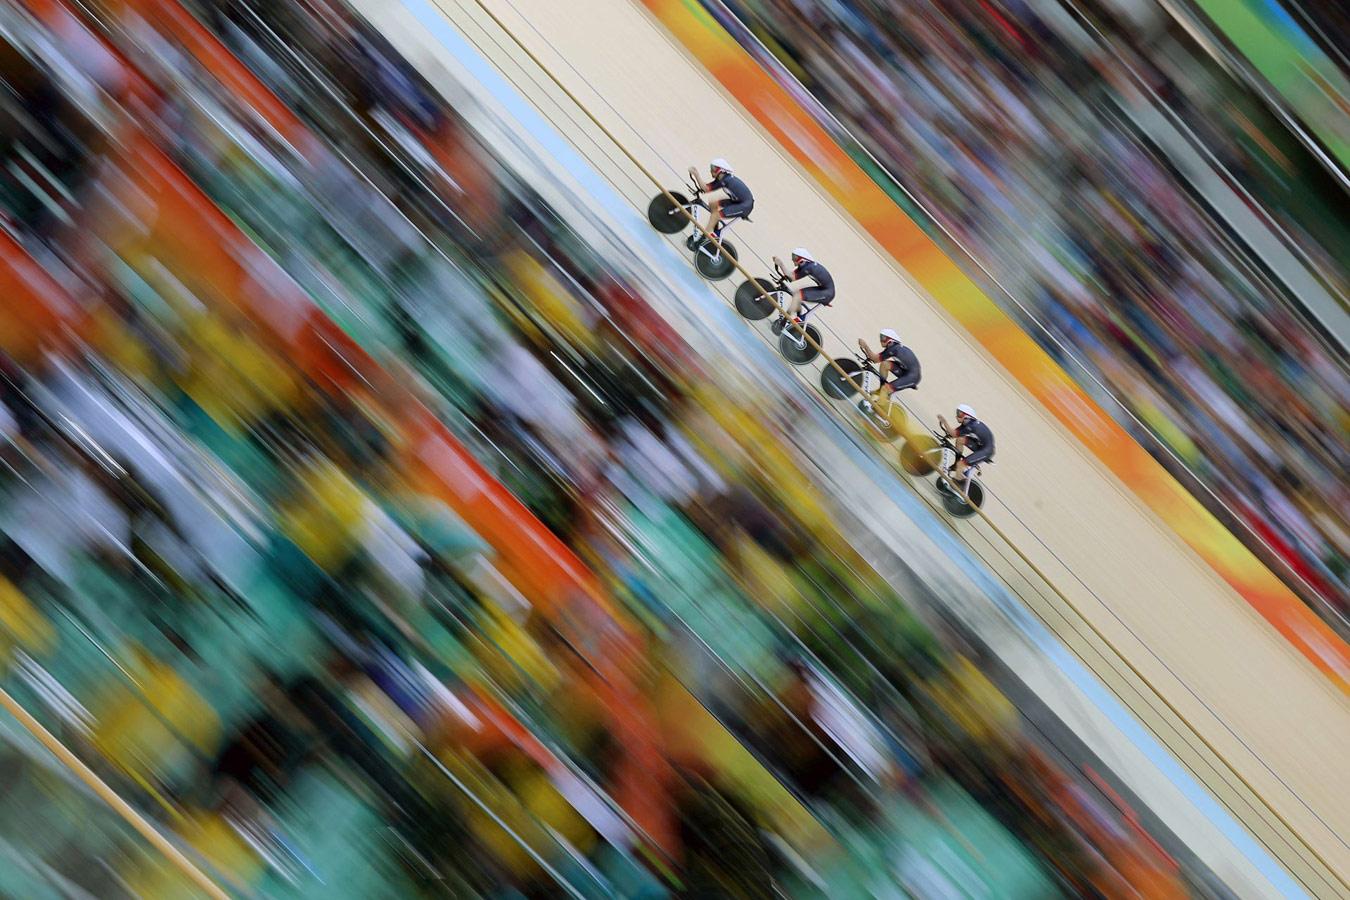 Тим Клейтон, США / Tim Clayton, USA, 1-е место в категории «Спорт в действии», Фотоконкурс Siena International Photography Awards